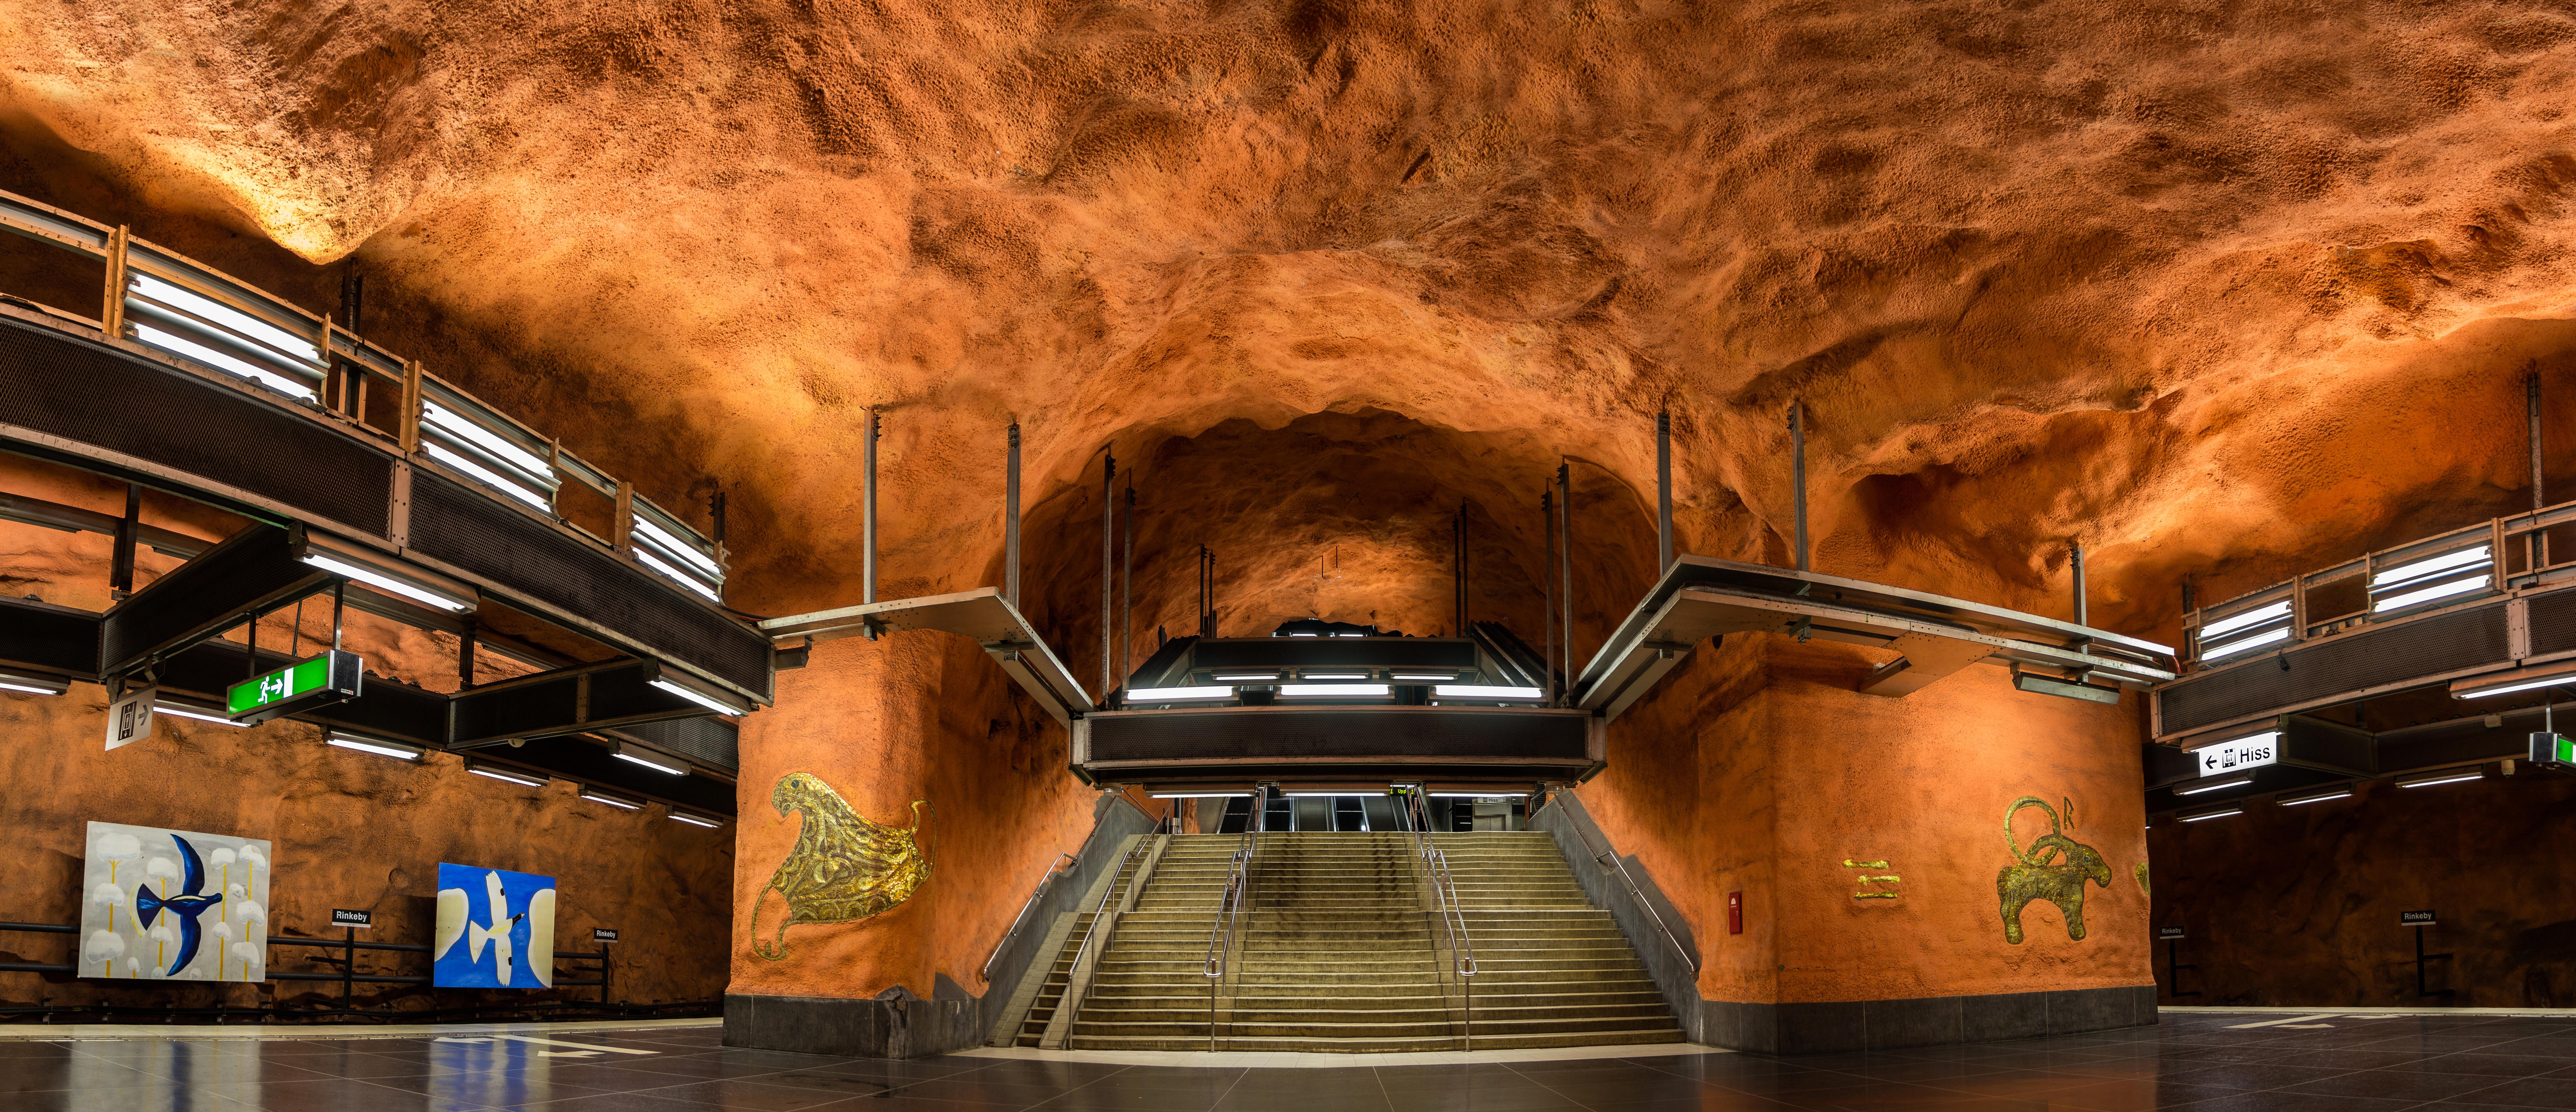 Arte subterráneo en el metro de Estocolmo - Dinamarca Circuito Repúblicas Bálticas y Capitales Nórdicas